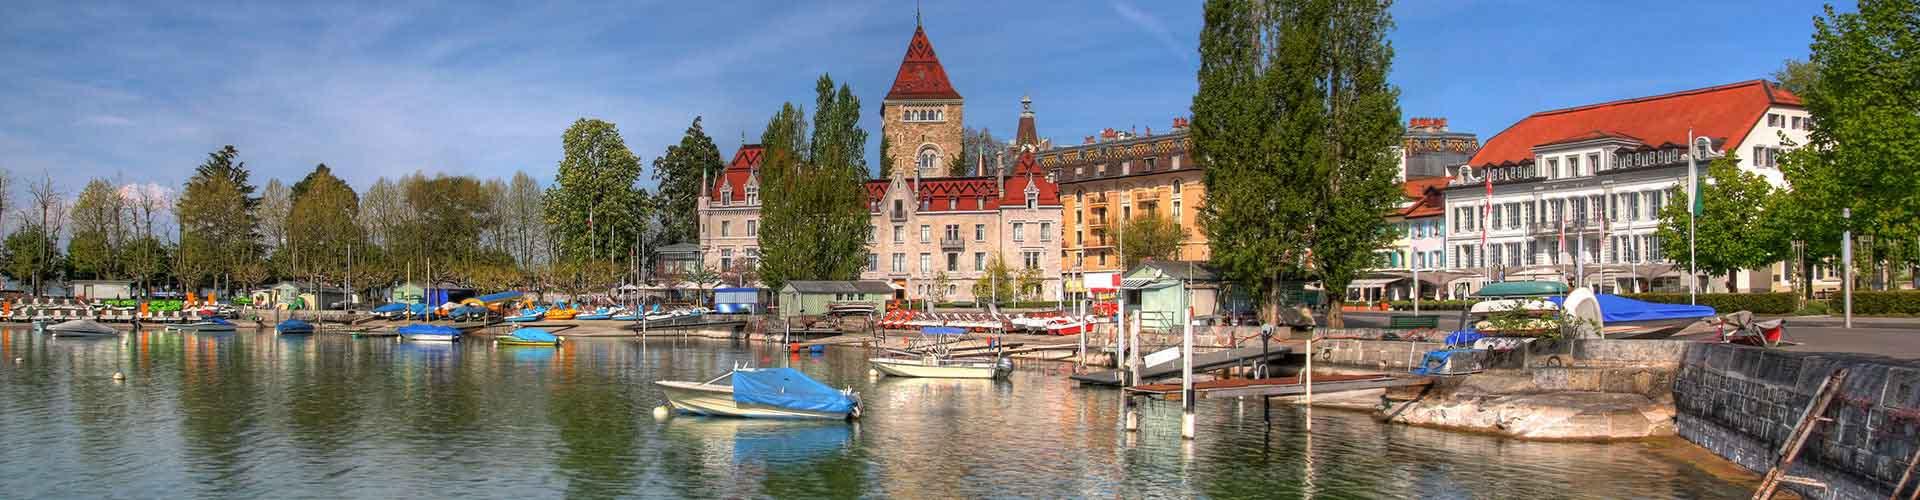 Lausanne - Ifjúsági Szállások Lausanneben. Lausanne térképek, fotók és ajánlások minden egyes ifjúsági szállásokra Lausanne-ben.